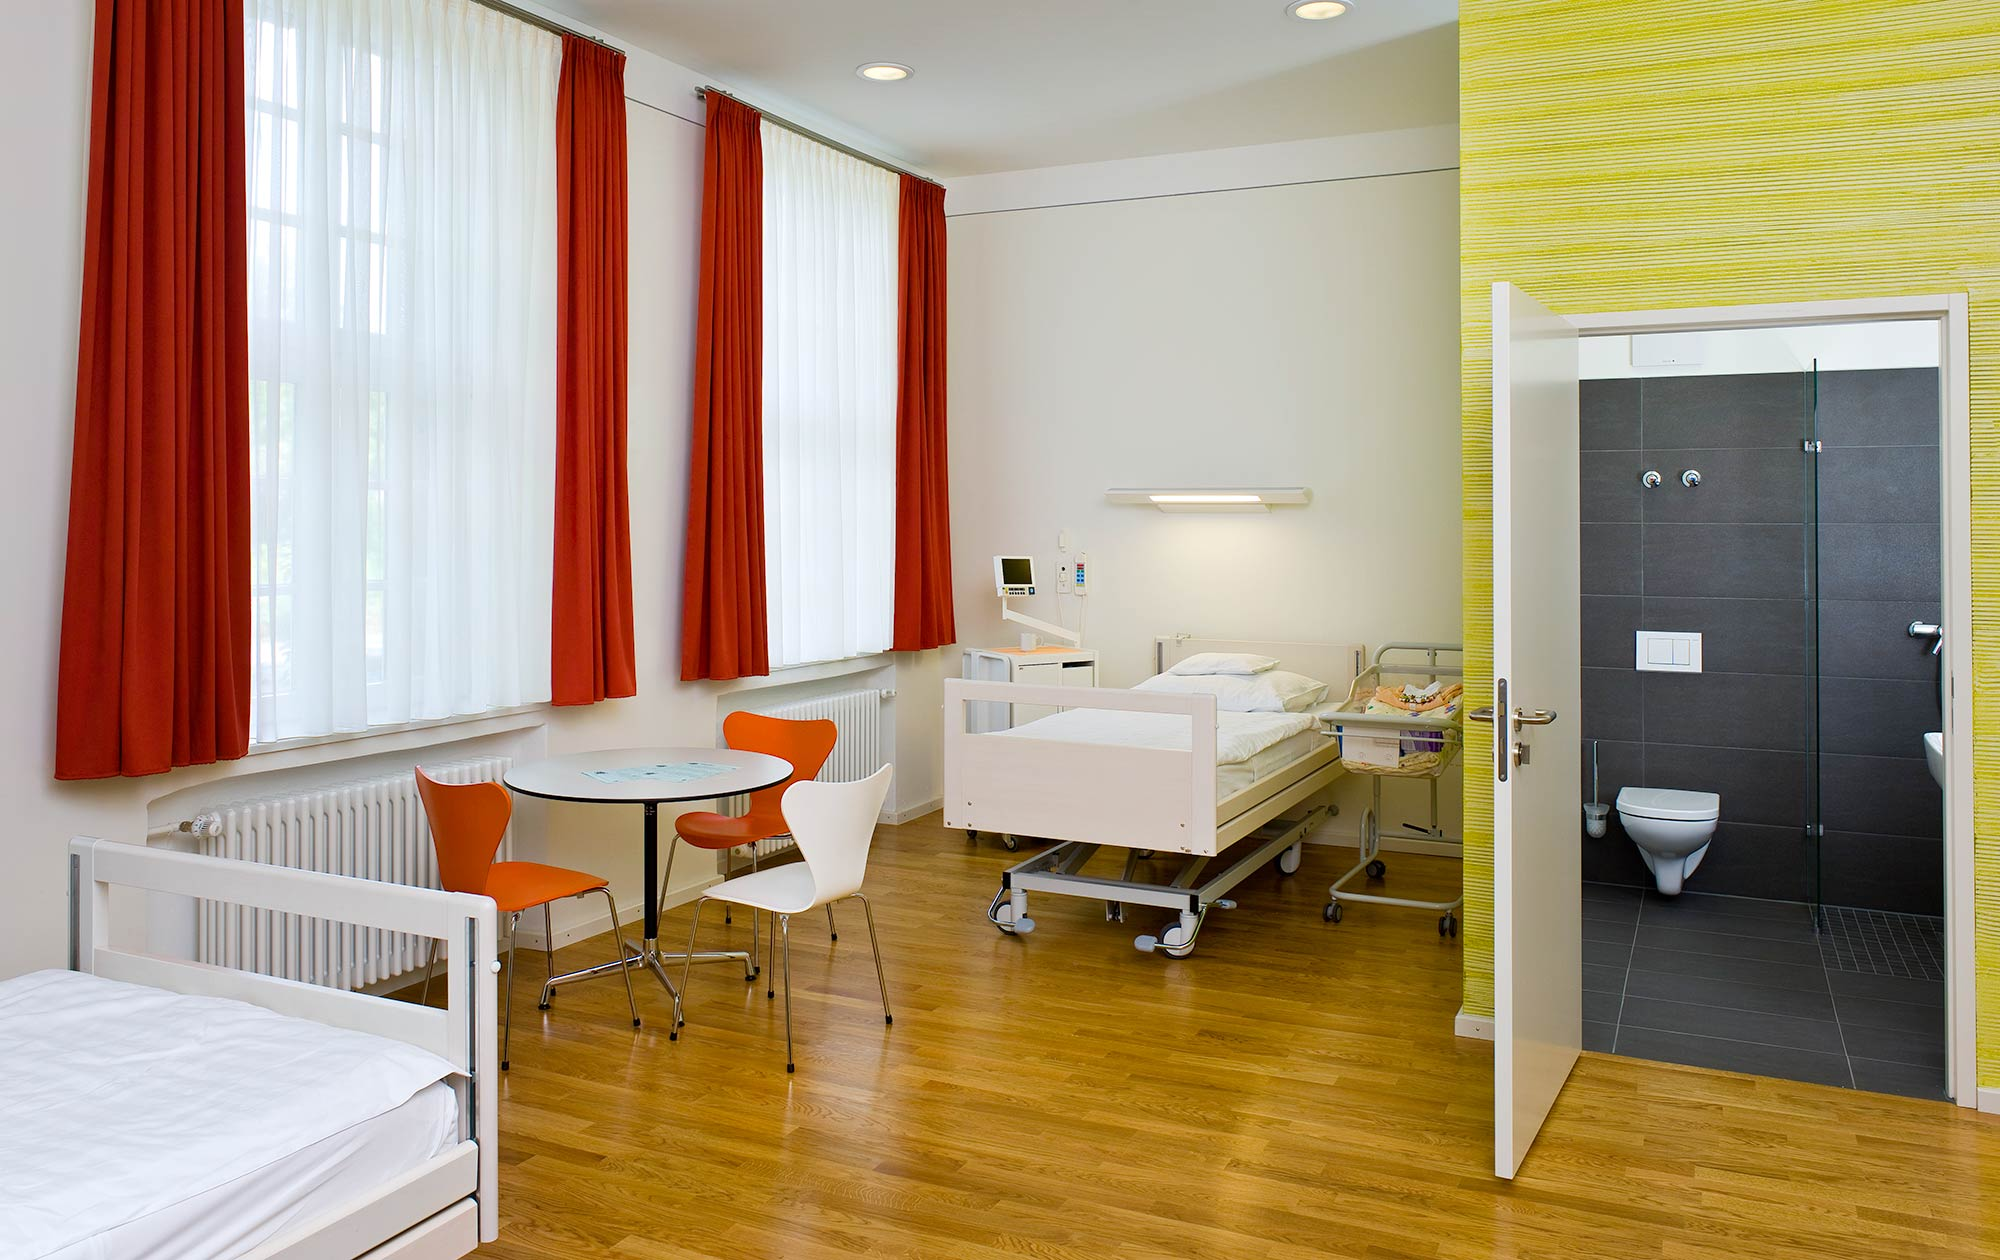 Krankenzimmer Villa Menge, Salem Heidelberg